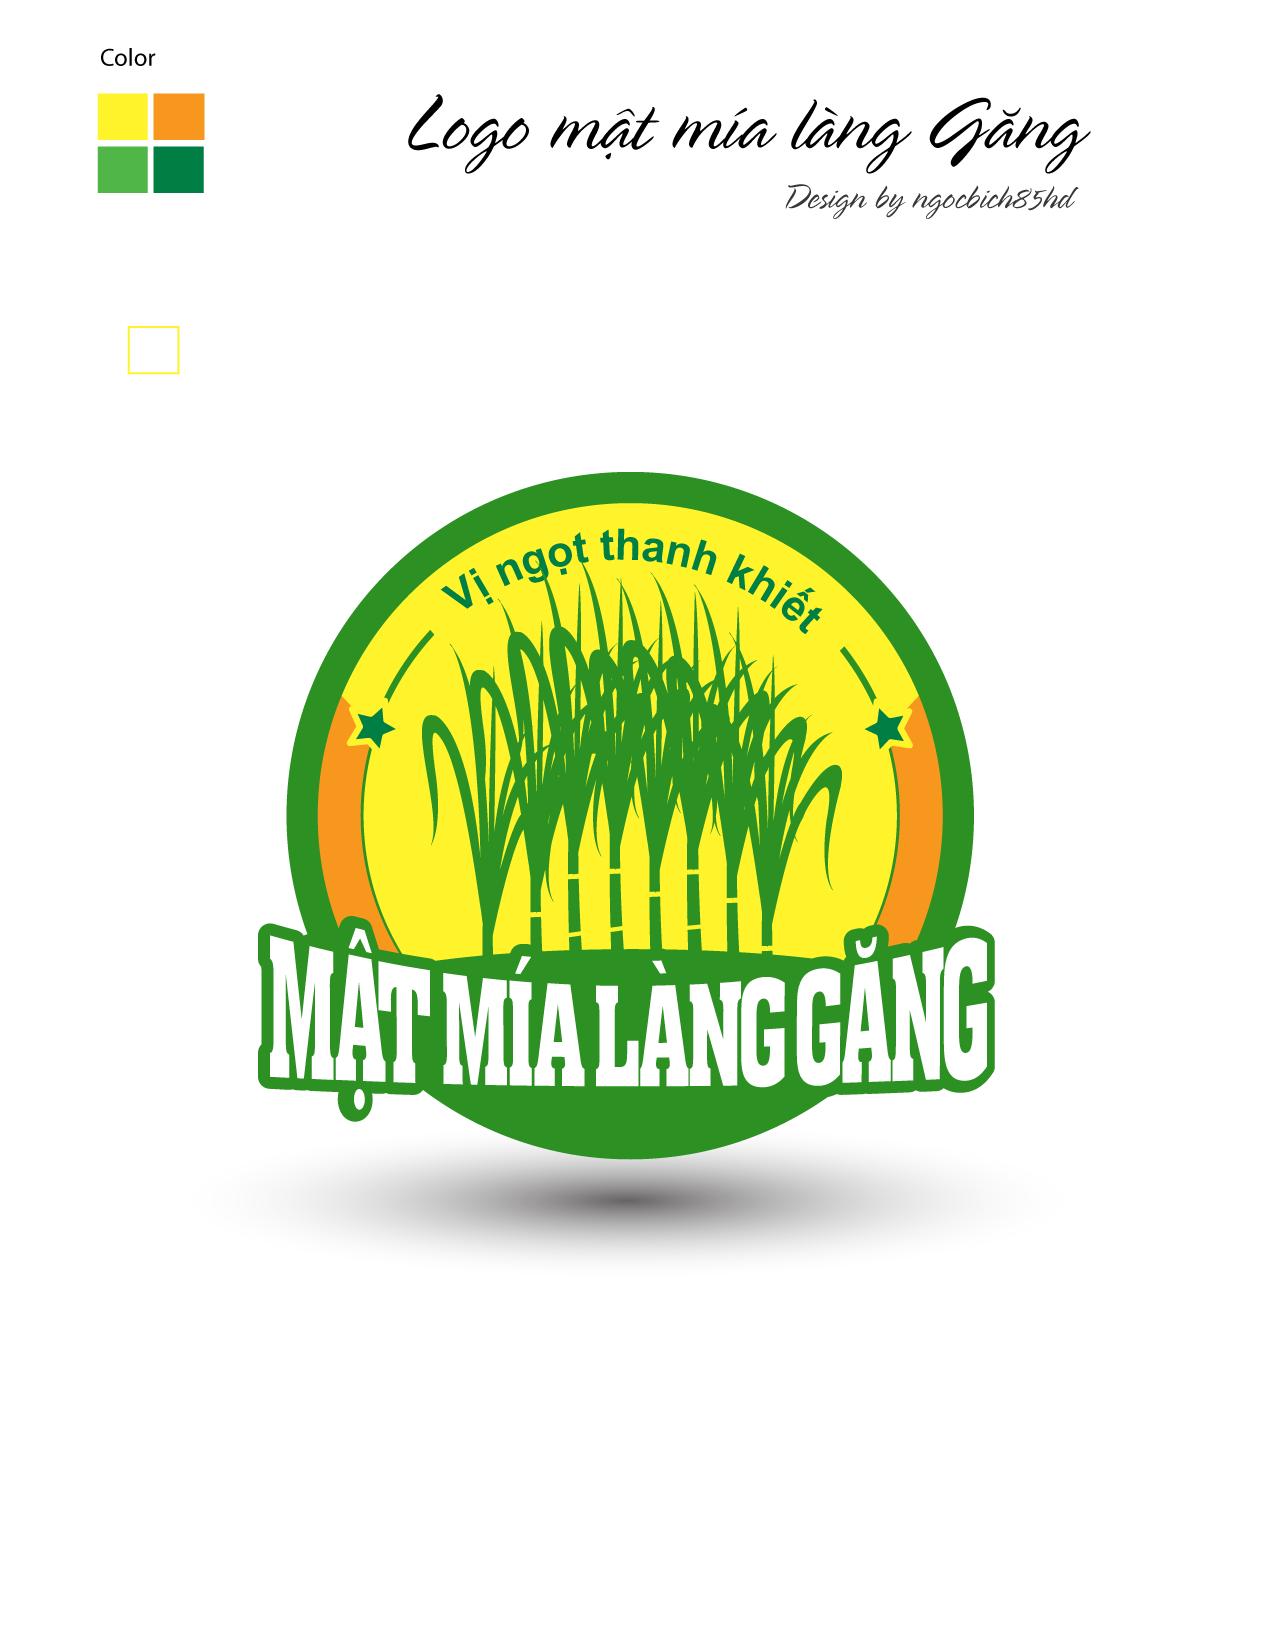 Logo Mật Mía Làng Găng trong 2020 Mắt, Mía